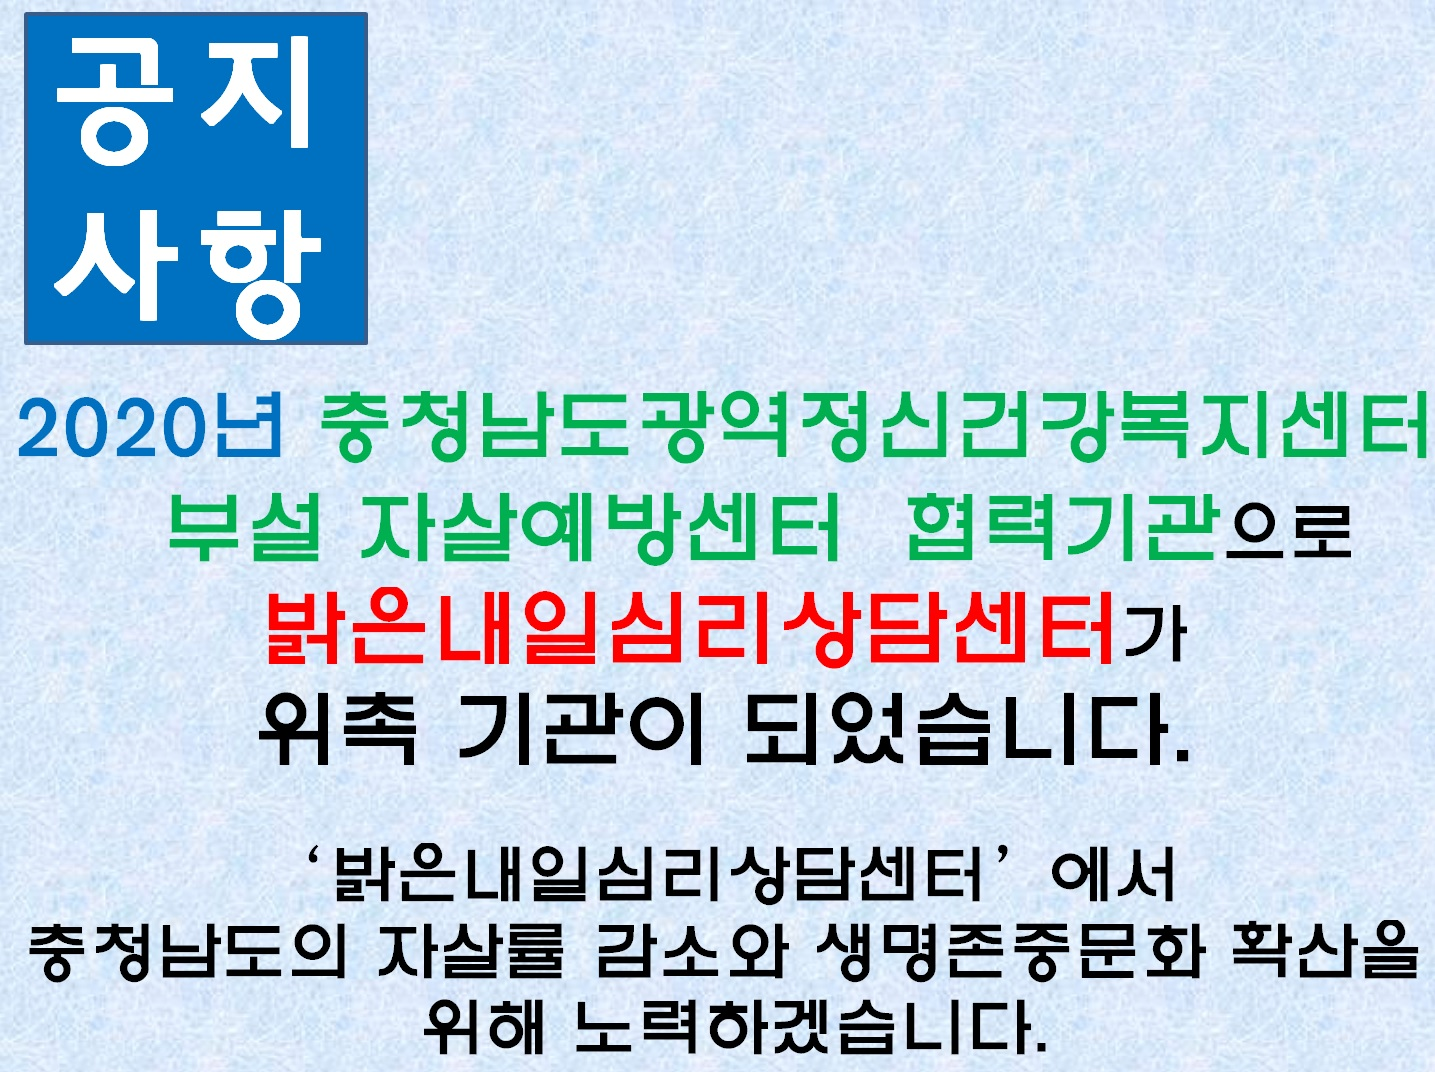 2020년 충청남도광역정신건강복지센터 부설 자살예방센터 협력기관 위촉